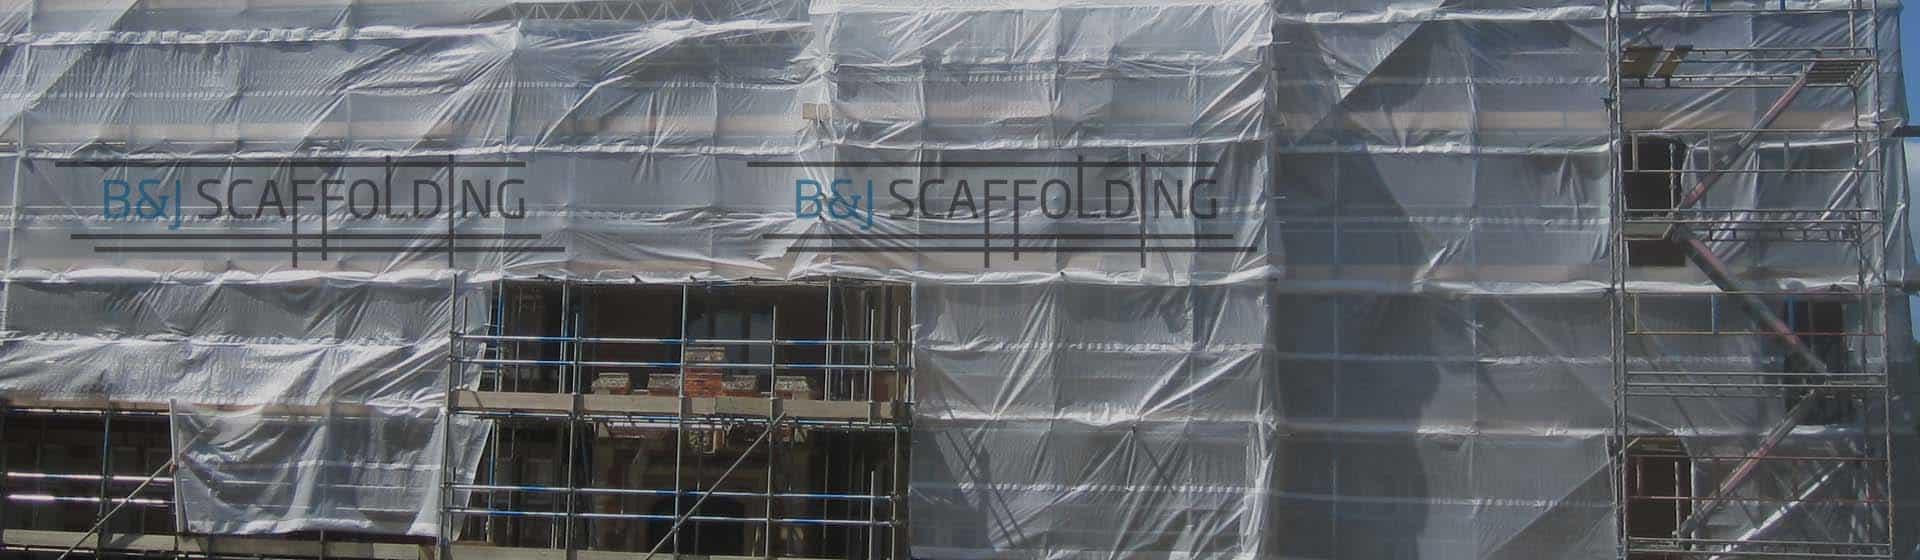 scaffolding slide 01